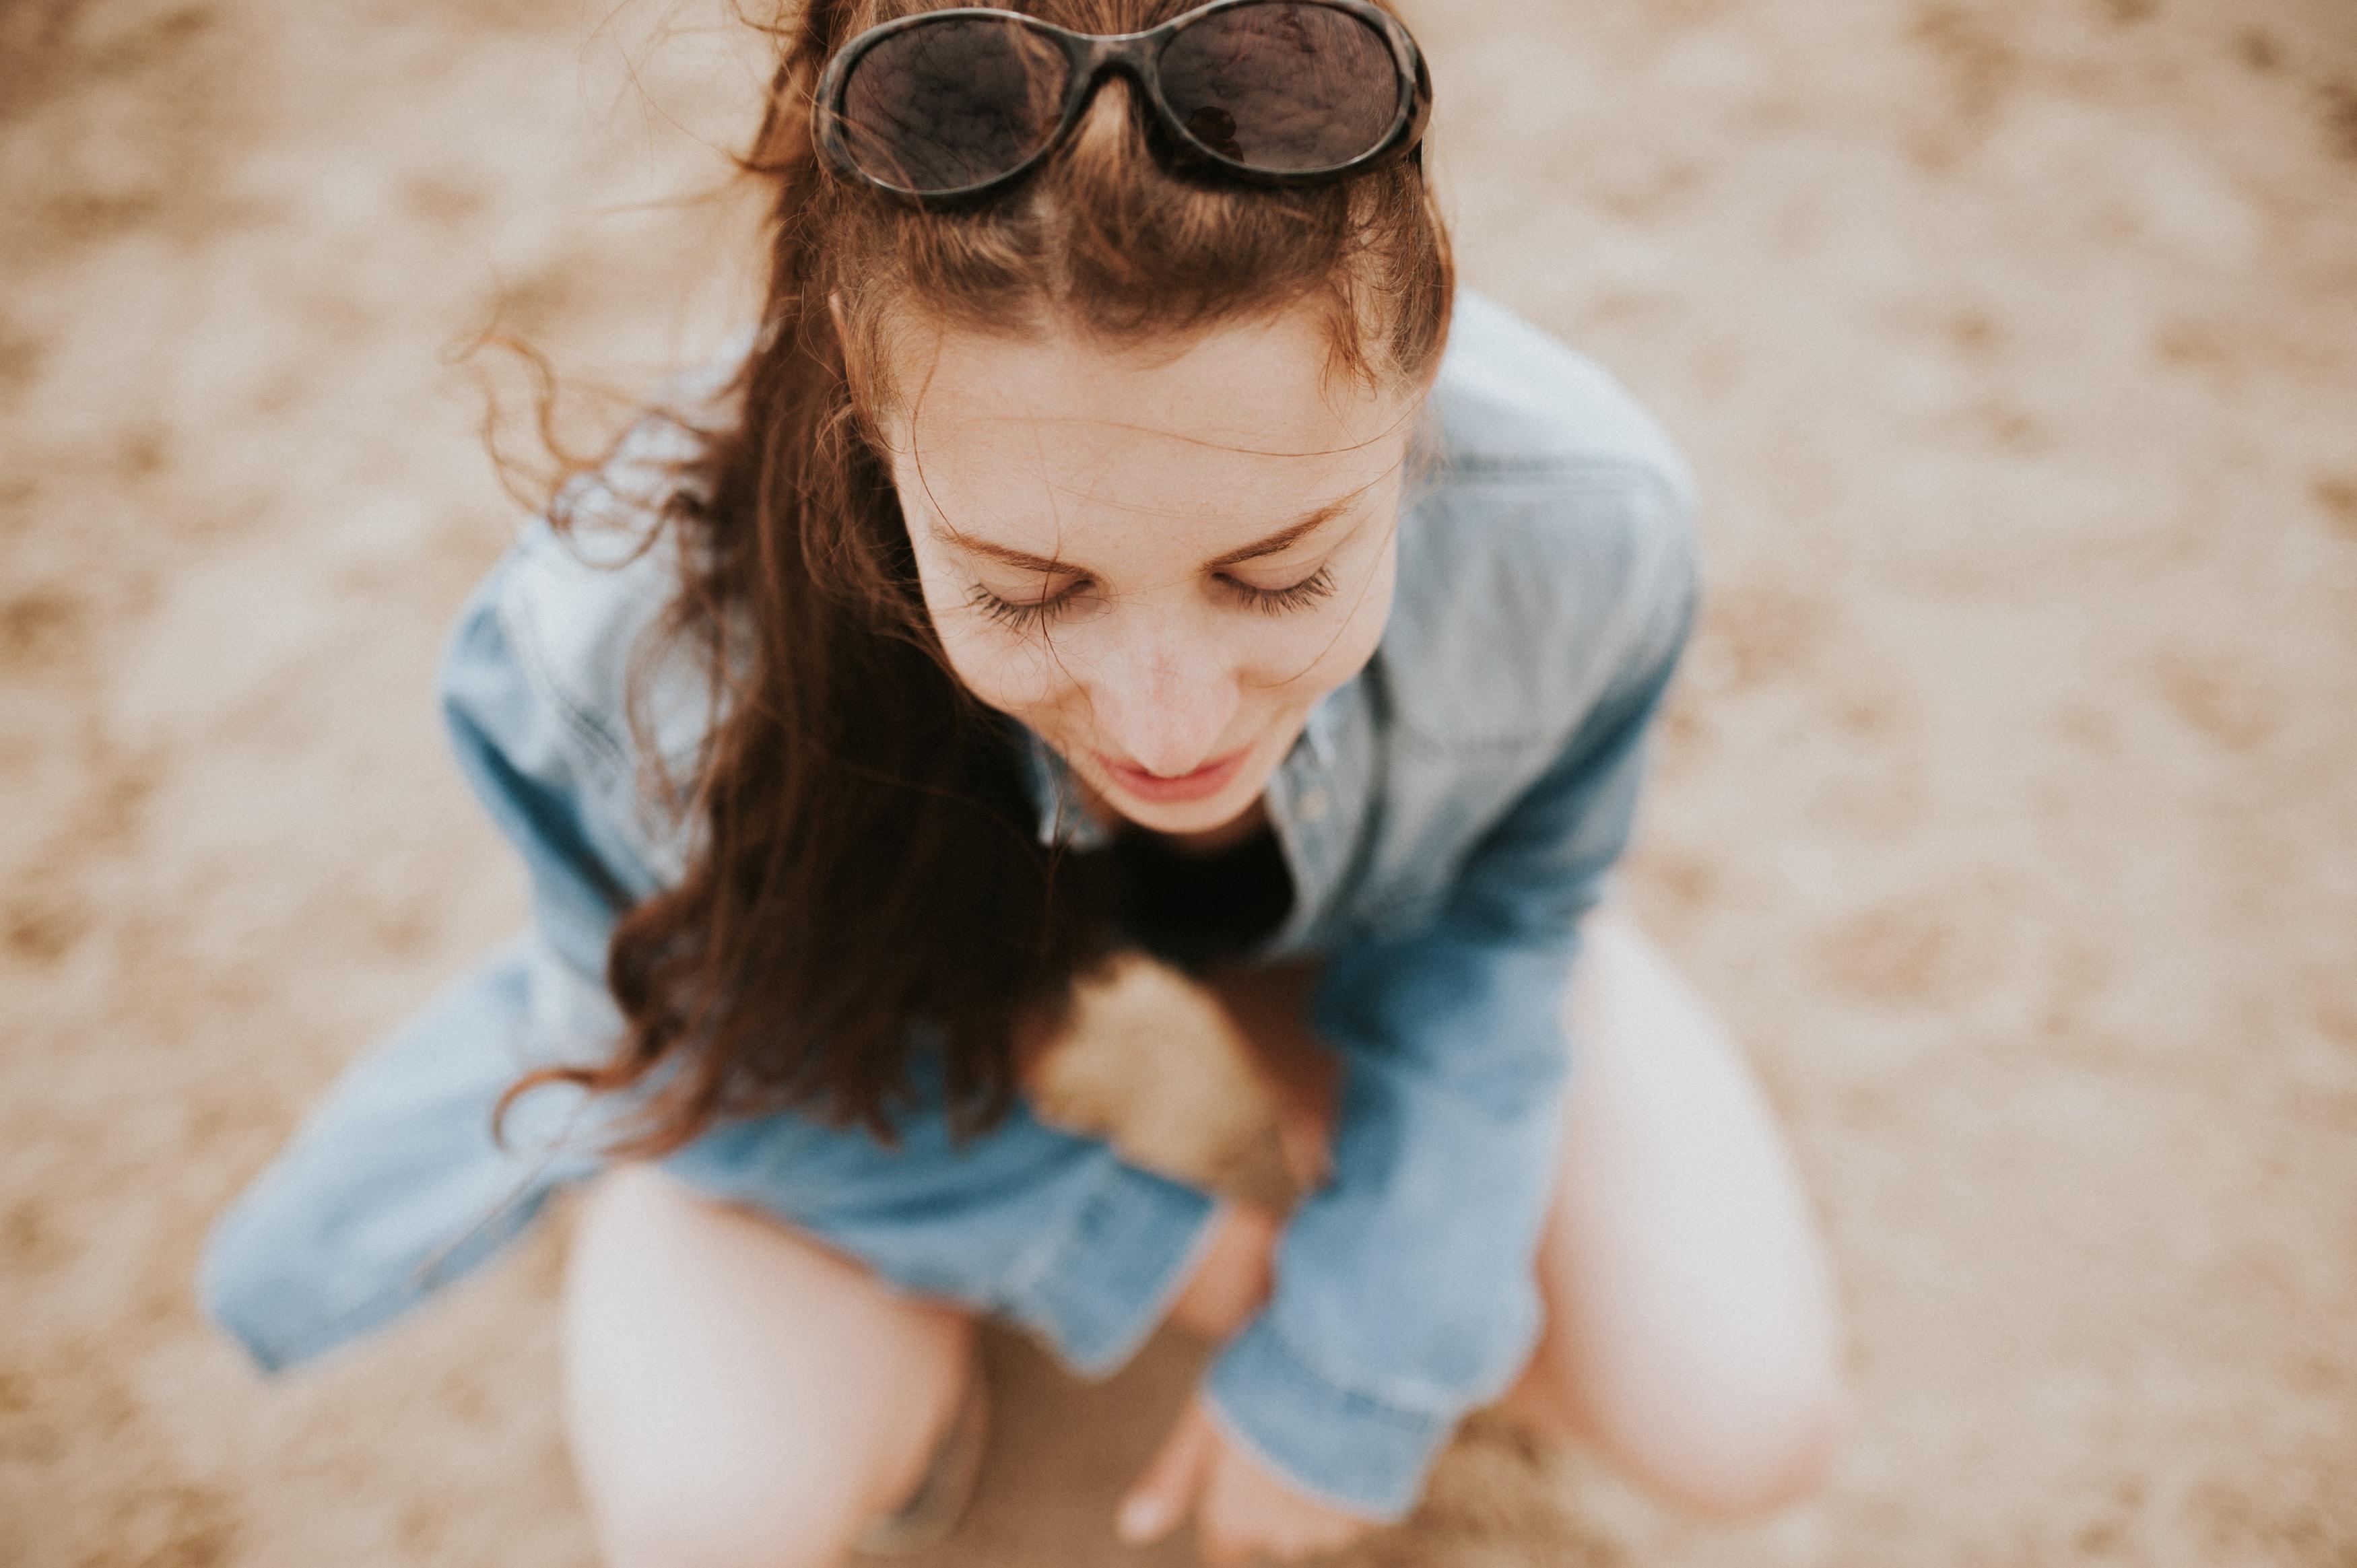 woman kneeling outdoor